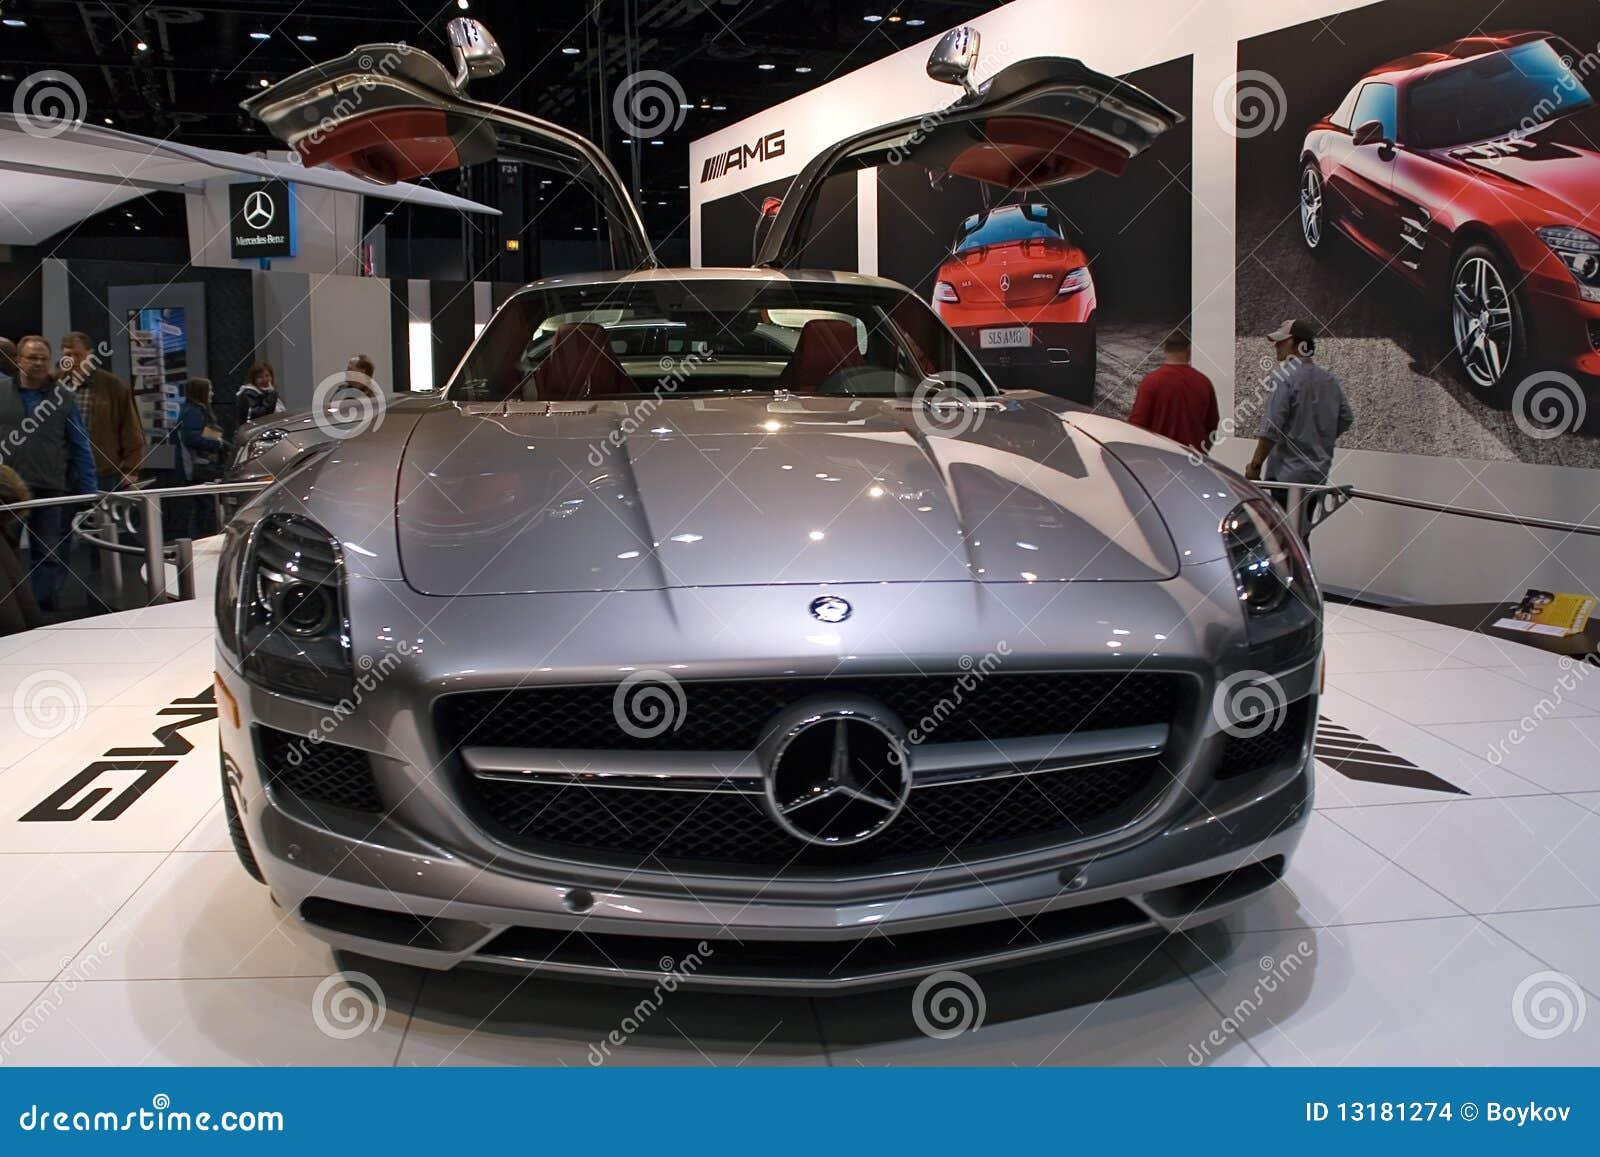 Baumuster 2010 Mercedes-AMG